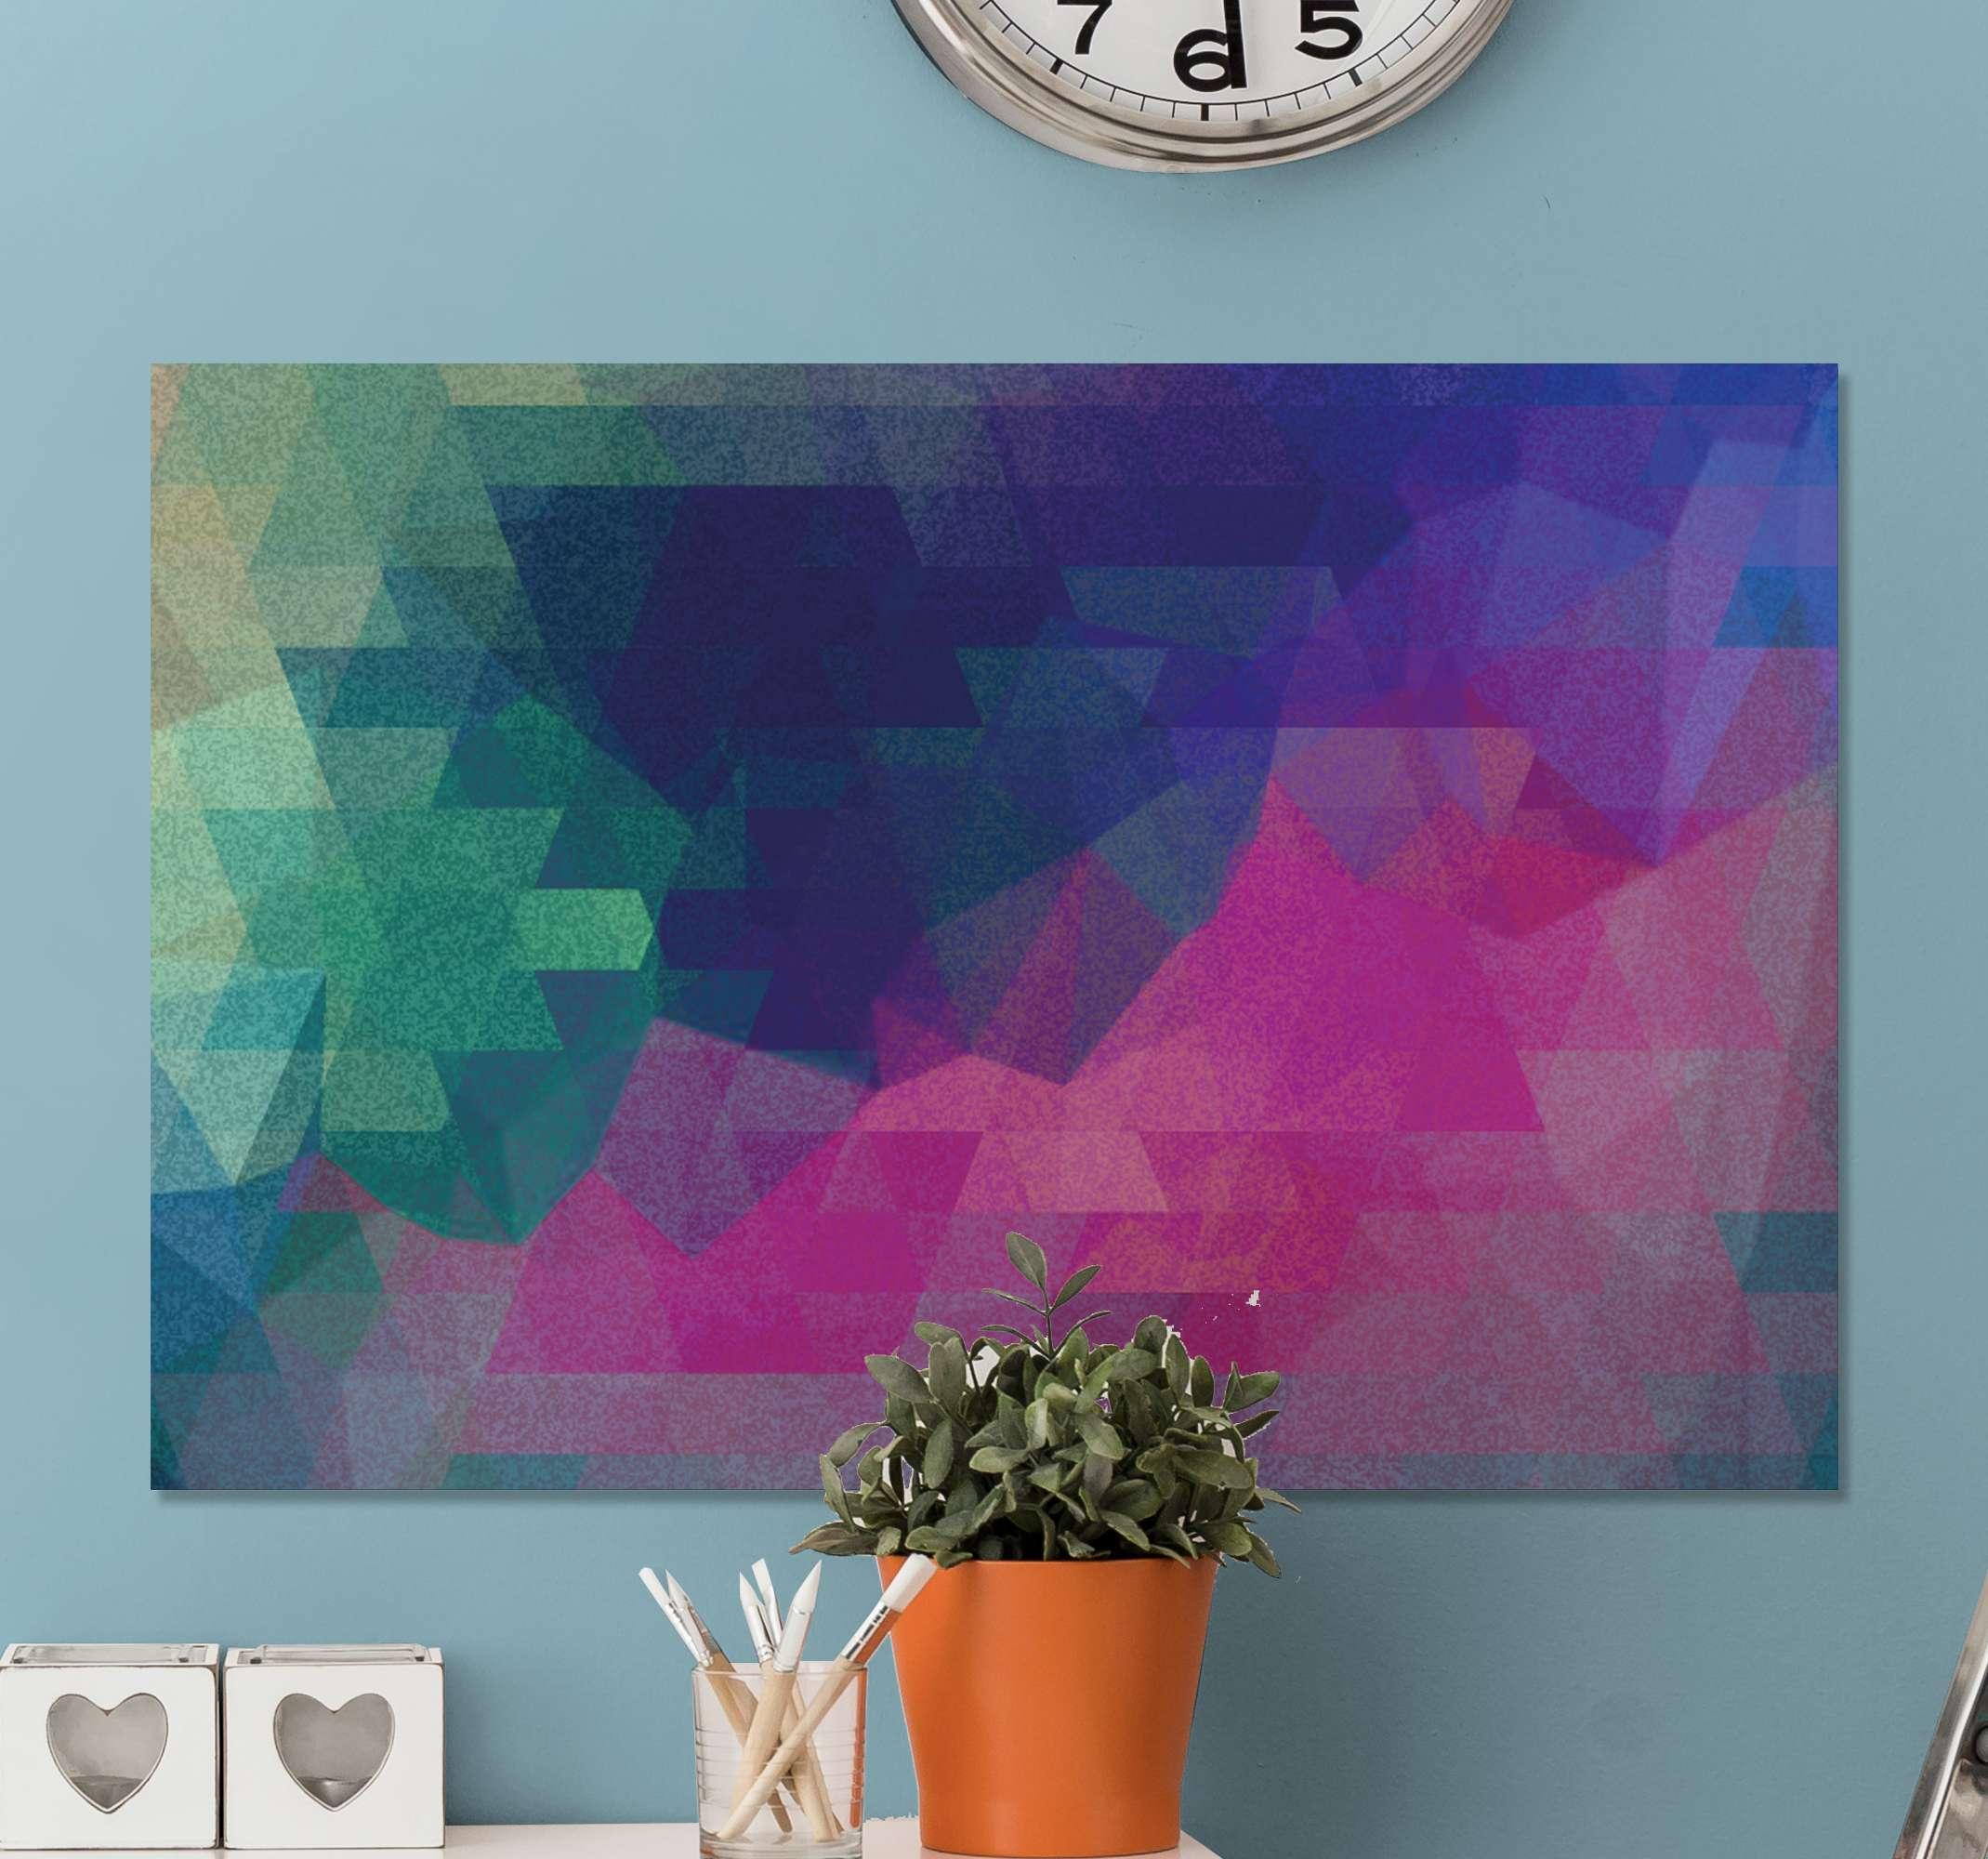 TenStickers. μωσαϊκό abstracto colorido φωτογραφία μωσαϊκό καμβά. αυτή η τέχνη τοίχου από καμβά γραφείου μπορεί να τοποθετηθεί σε οποιαδήποτε περιοχή του σπιτιού σας. εντυπωσιάστε τους φίλους σας και εξοικειωθείτε με αυτόν τον καμβά! κατοίκον διανομή!